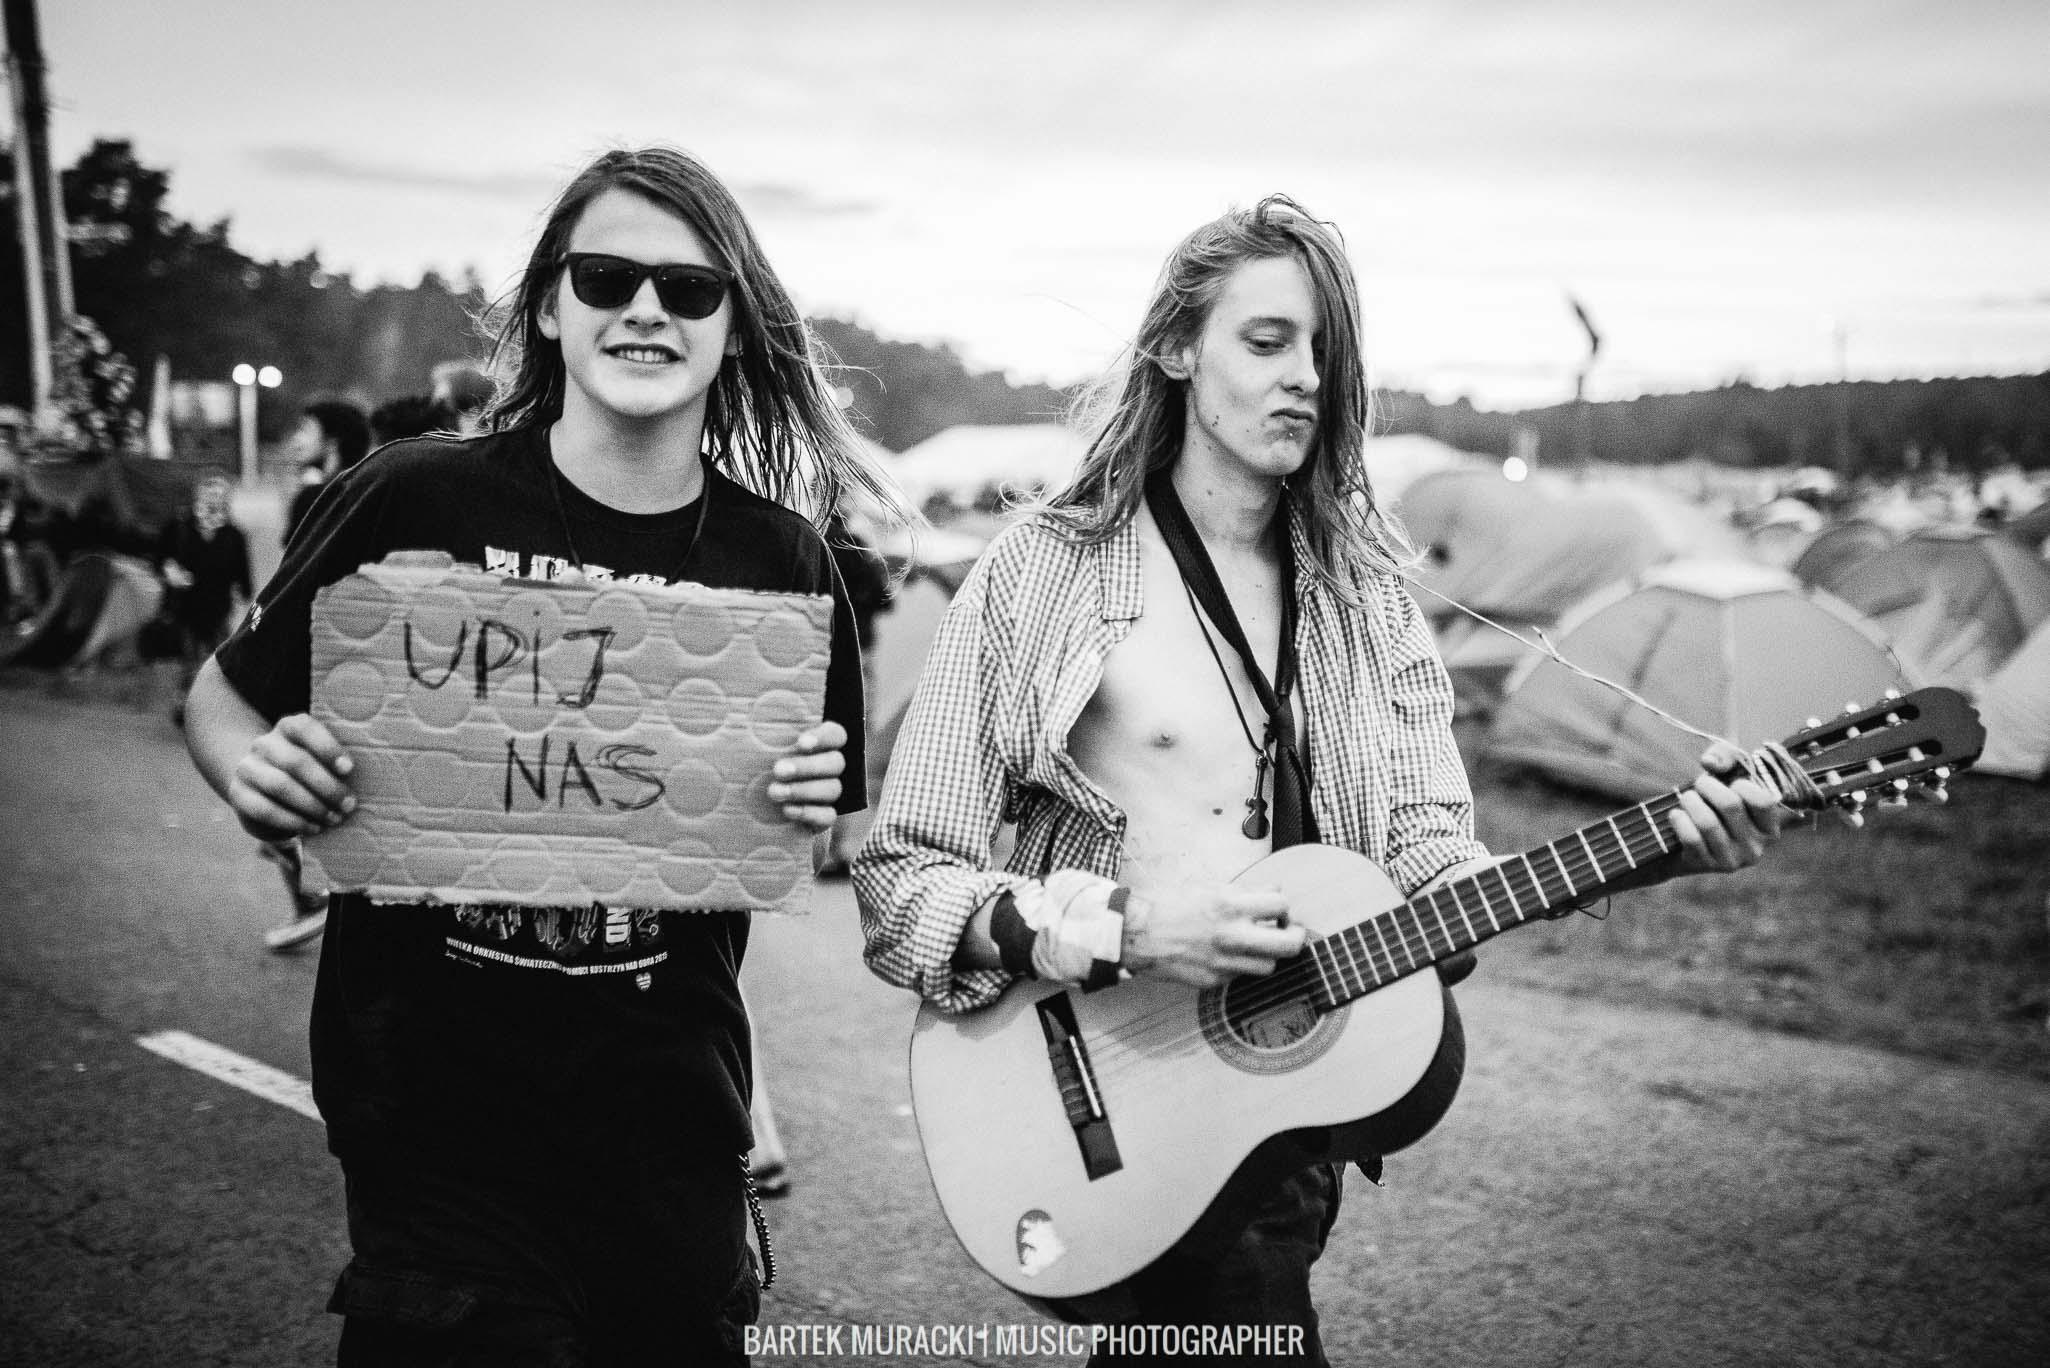 Przystanek-Woodstock-2016-WB-foto-Bartek-Muracki--190067